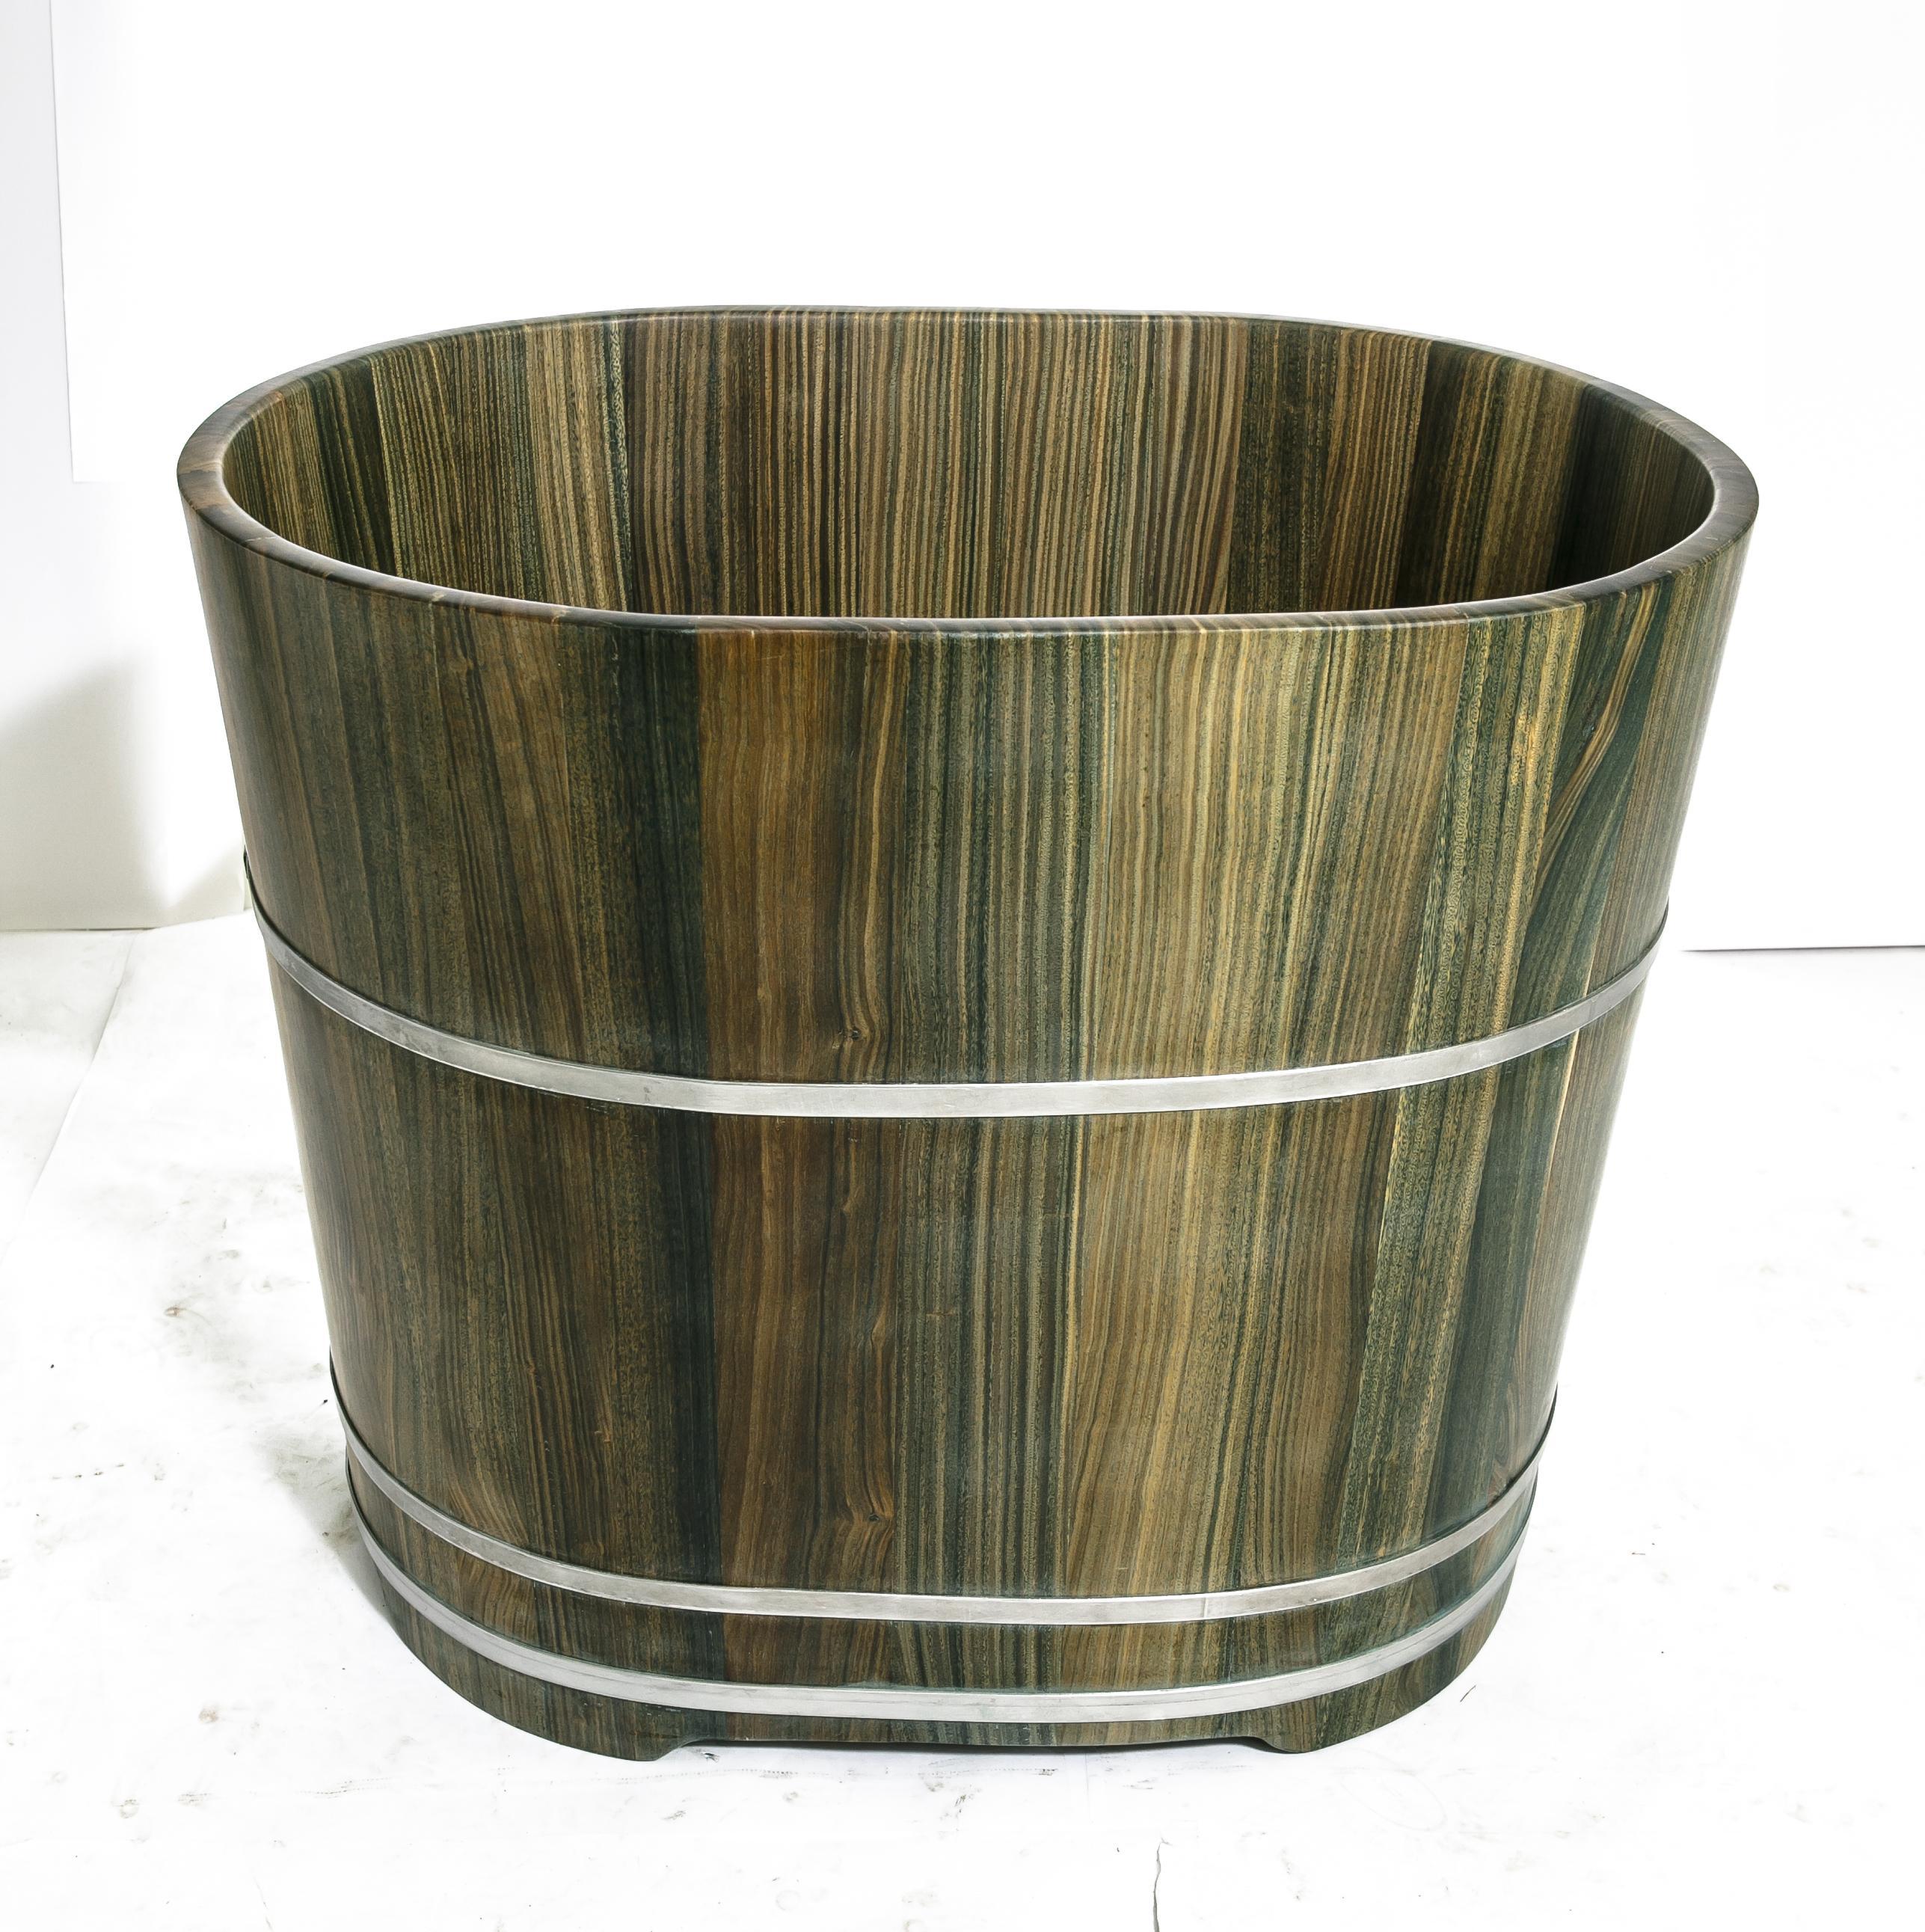 泡澡幫助血液循環 綠檀檜木桶 泡澡桶(三尺長) )台灣第一領導品牌-雅典木桶 木浴缸、方形木桶、泡腳桶、蒸腳桶、蒸氣烤箱